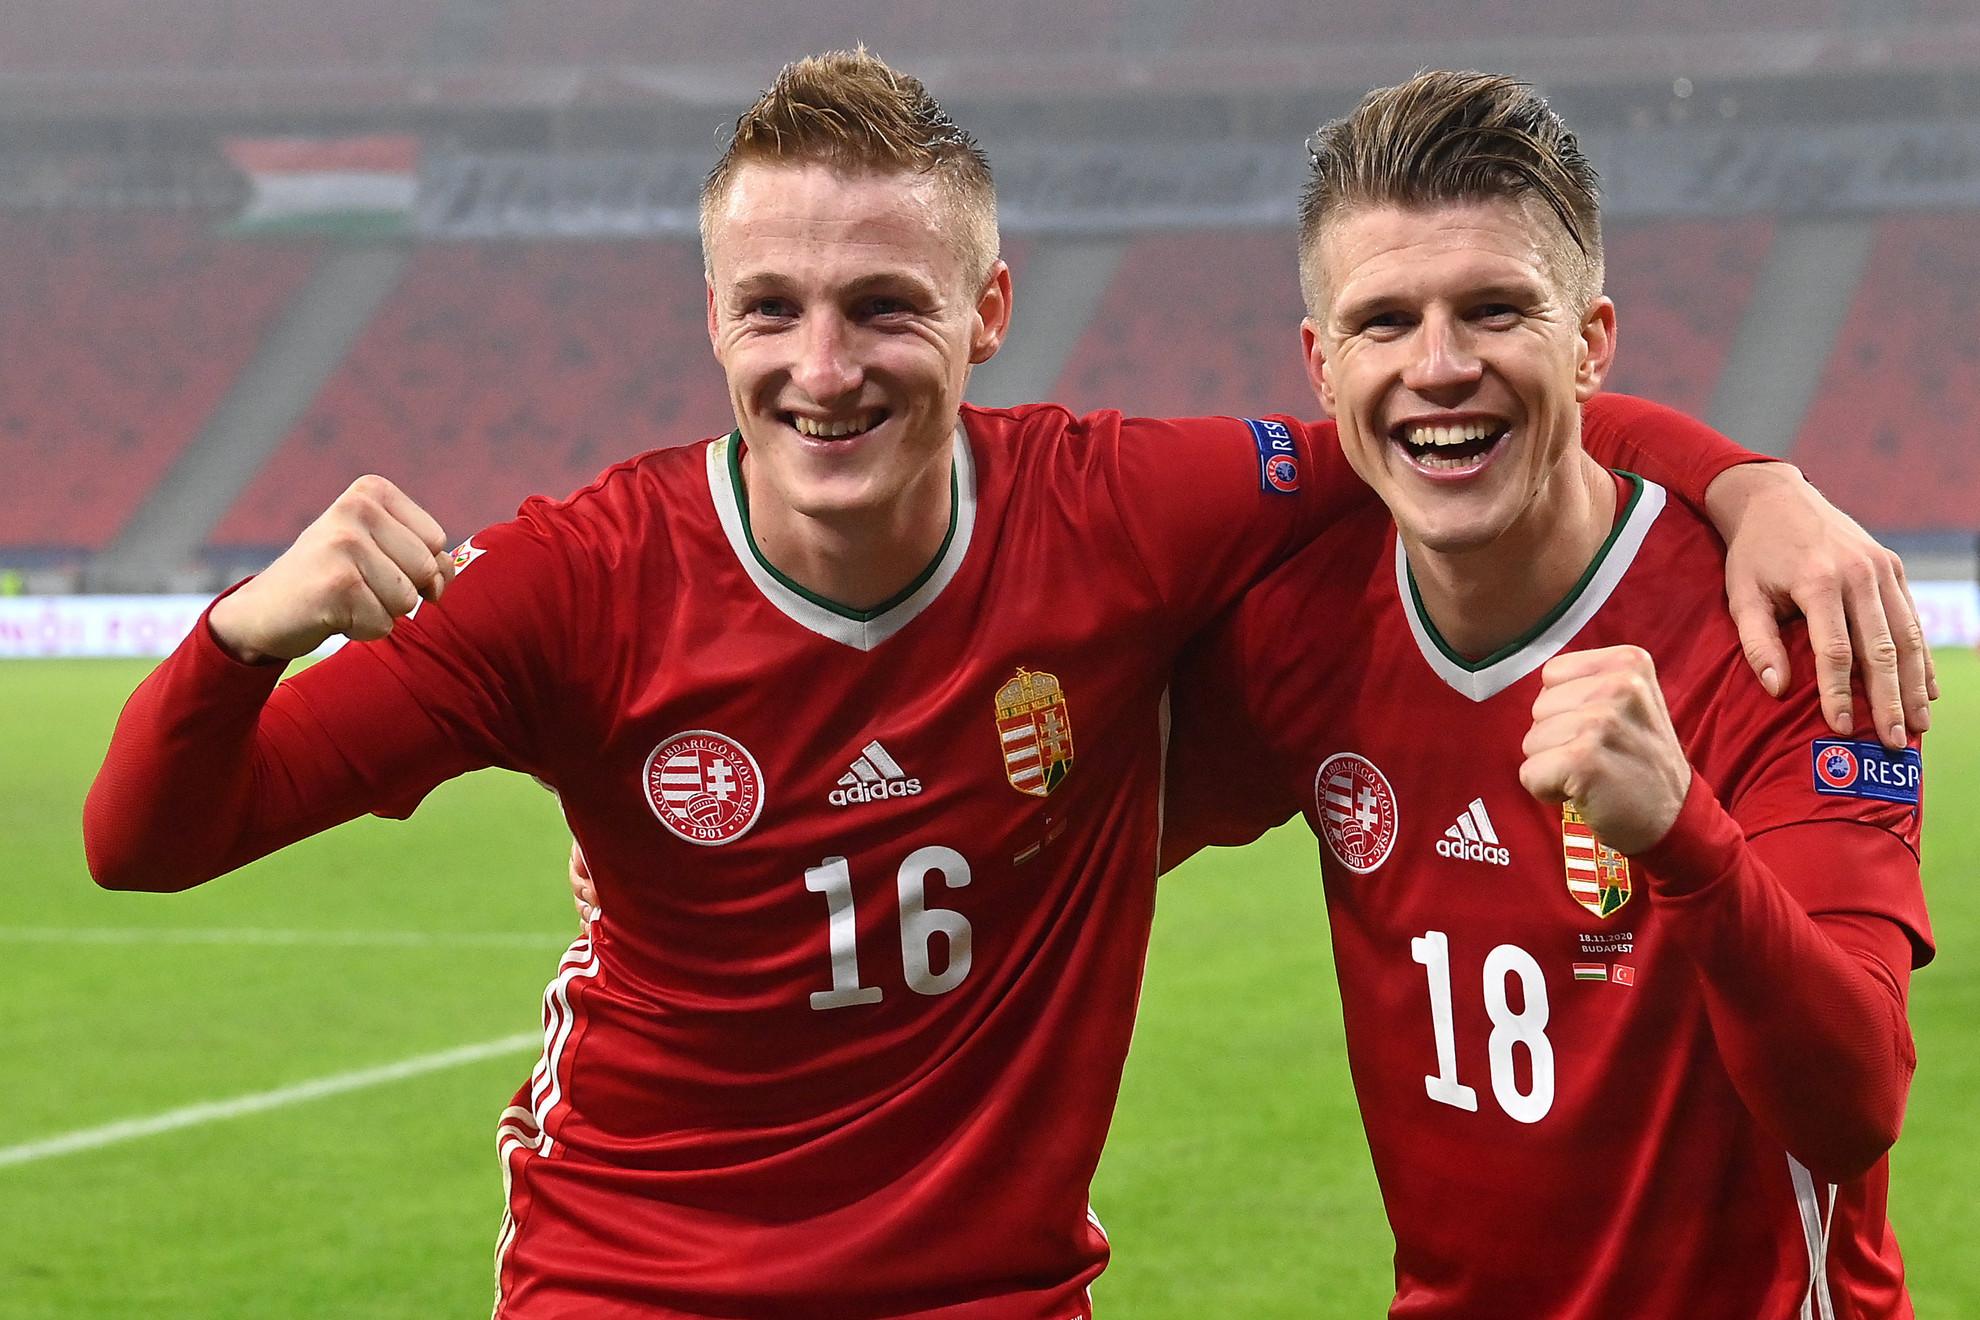 A válogatottban egyaránt első gólját szerző Varga Kevin (balra) és Sigér Dávid öröme a meccs után